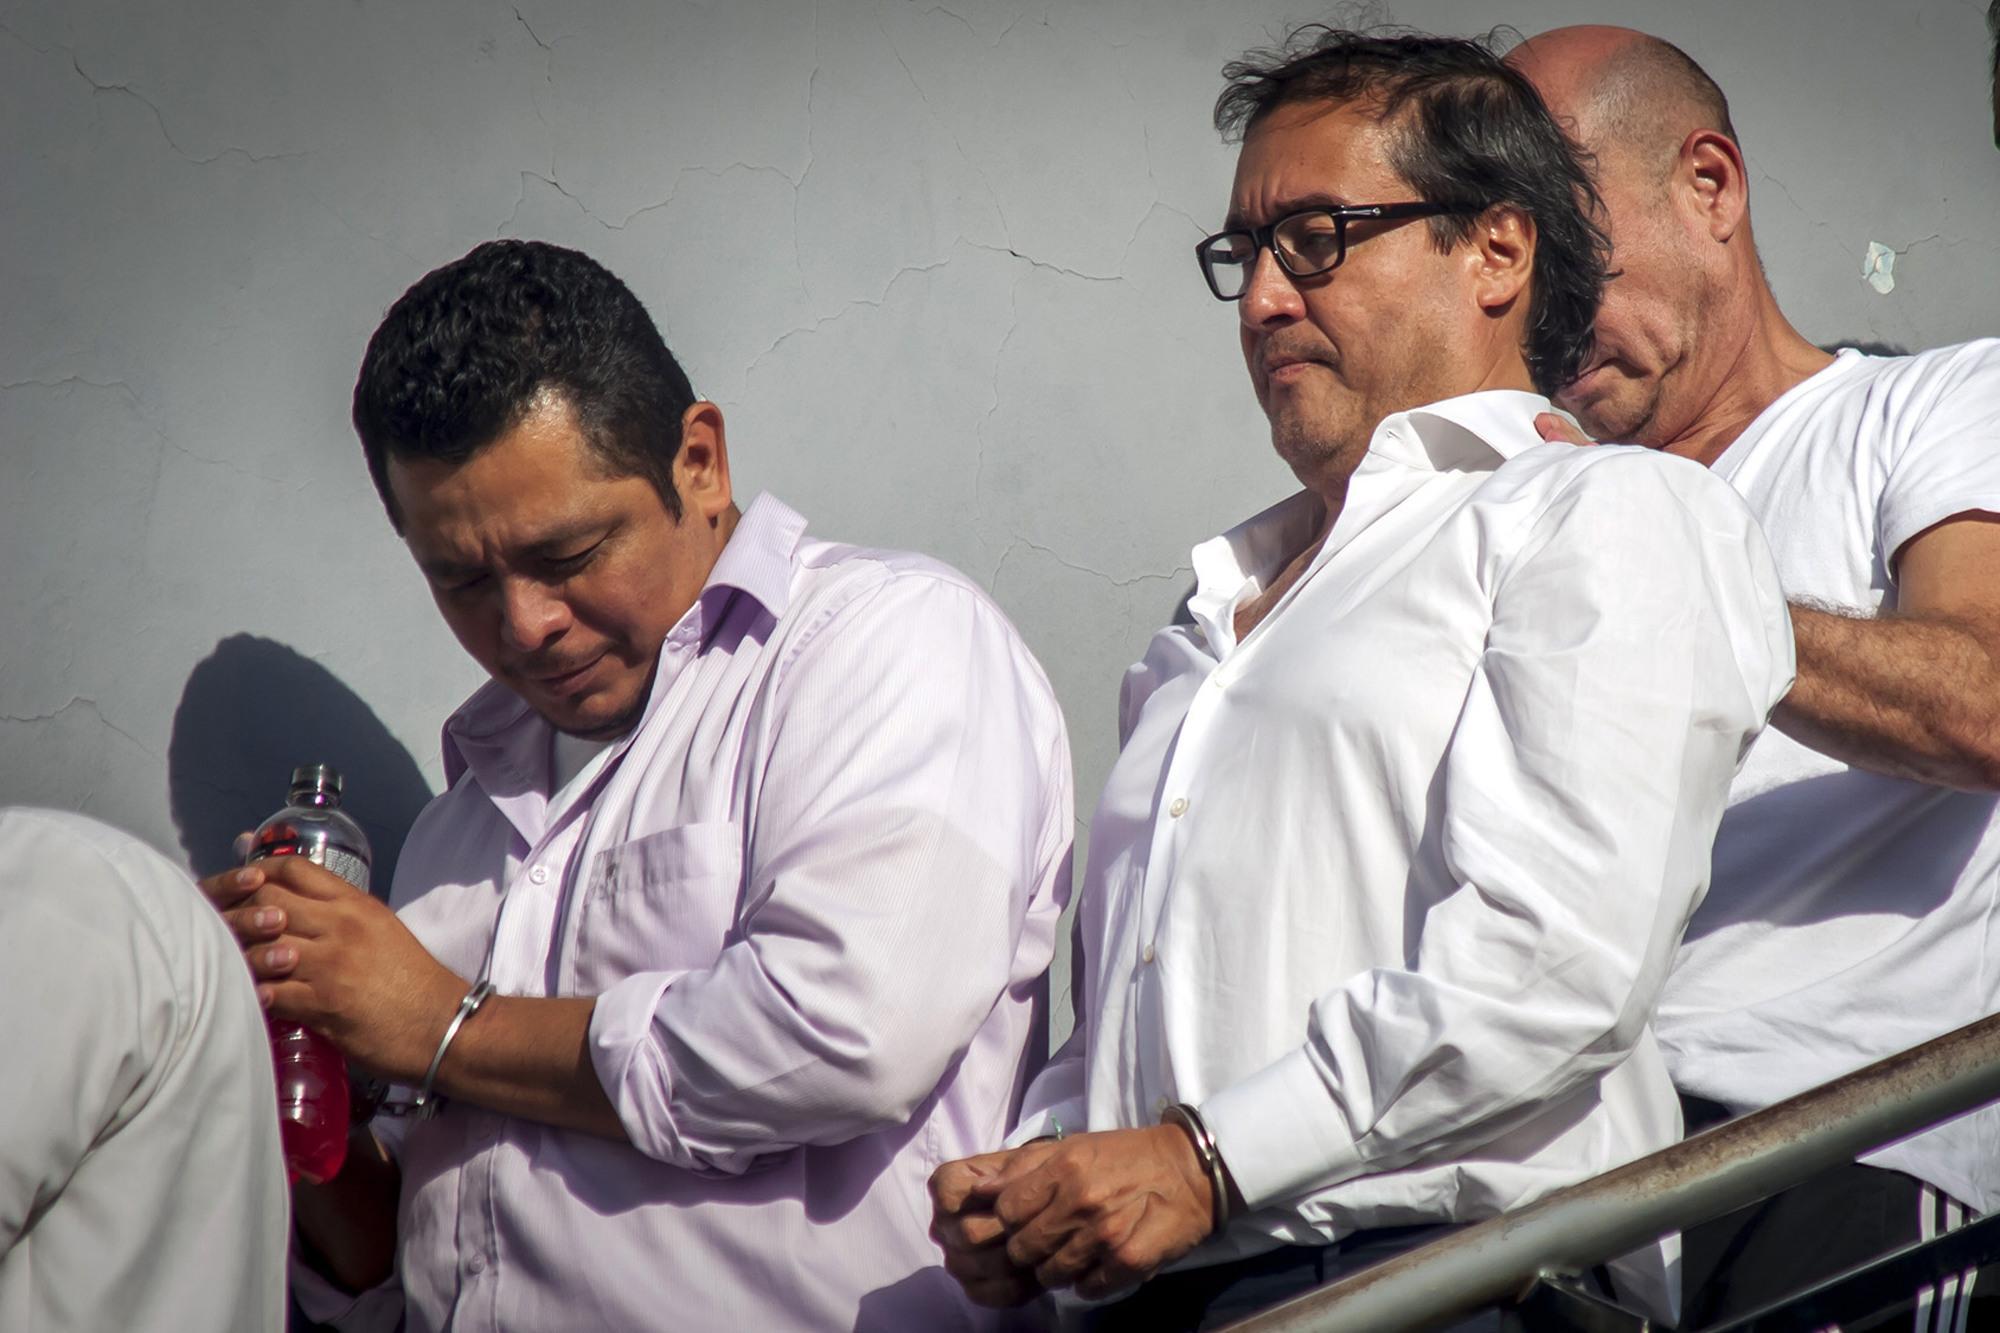 Las imagenes del ex fiscal General, Luis Martínez, detenido por diversos delitos, entre ellos, vender justicia, asombraron a los salvadoreños en agosto de 2016. Foto FACTUM/Salvador MELENDEZ